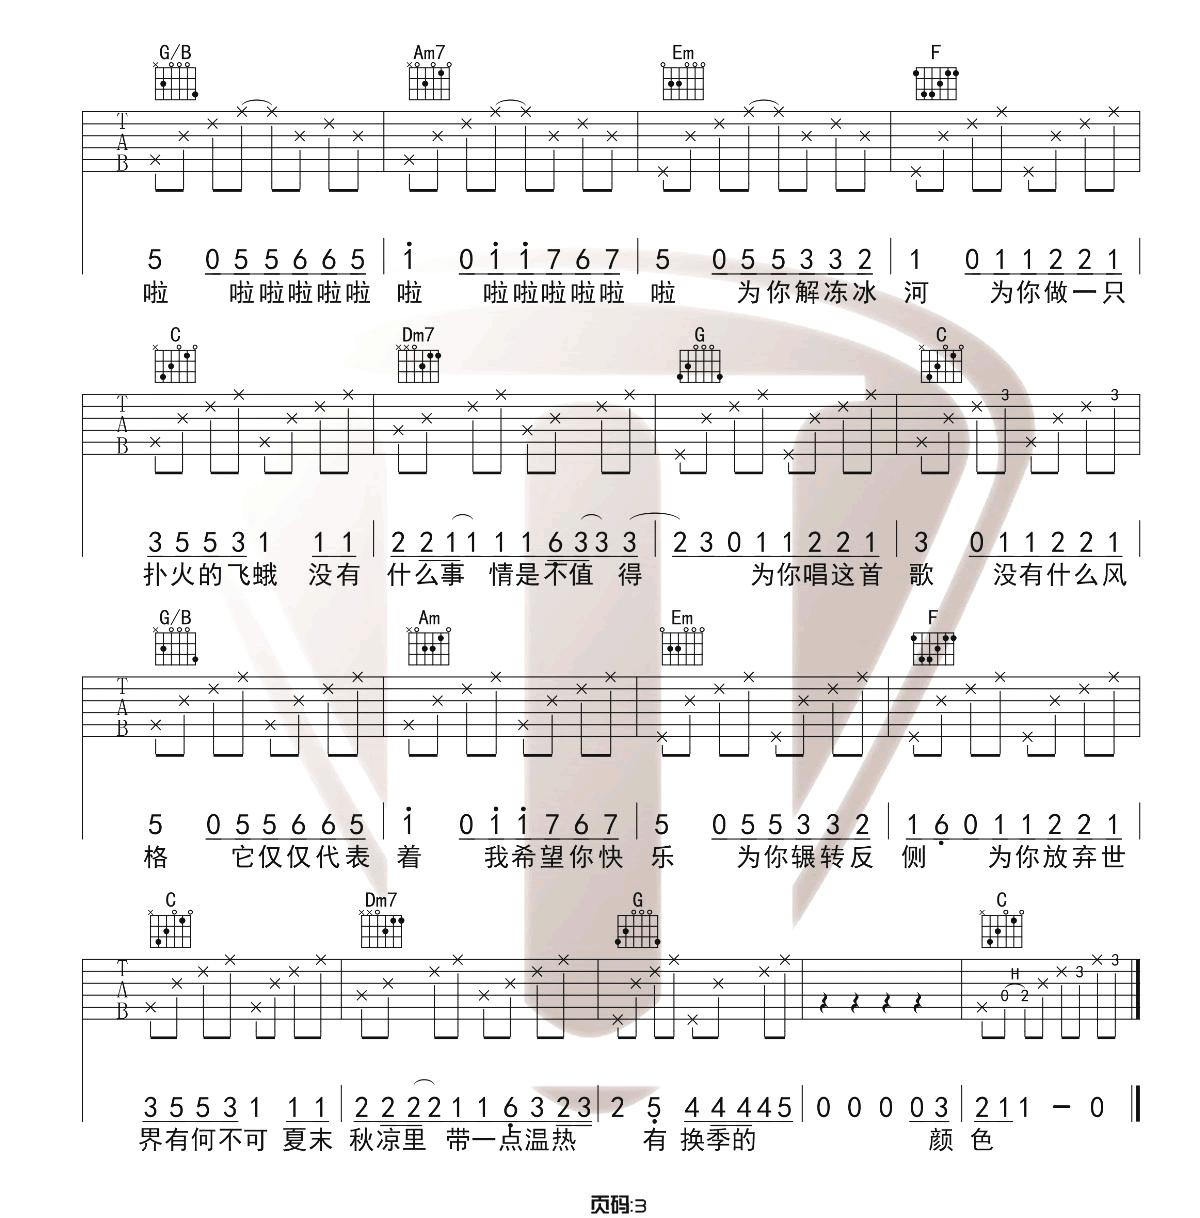 《有何不可》吉他谱_许嵩_C调原版吉他弹唱六线谱_高清图片谱3